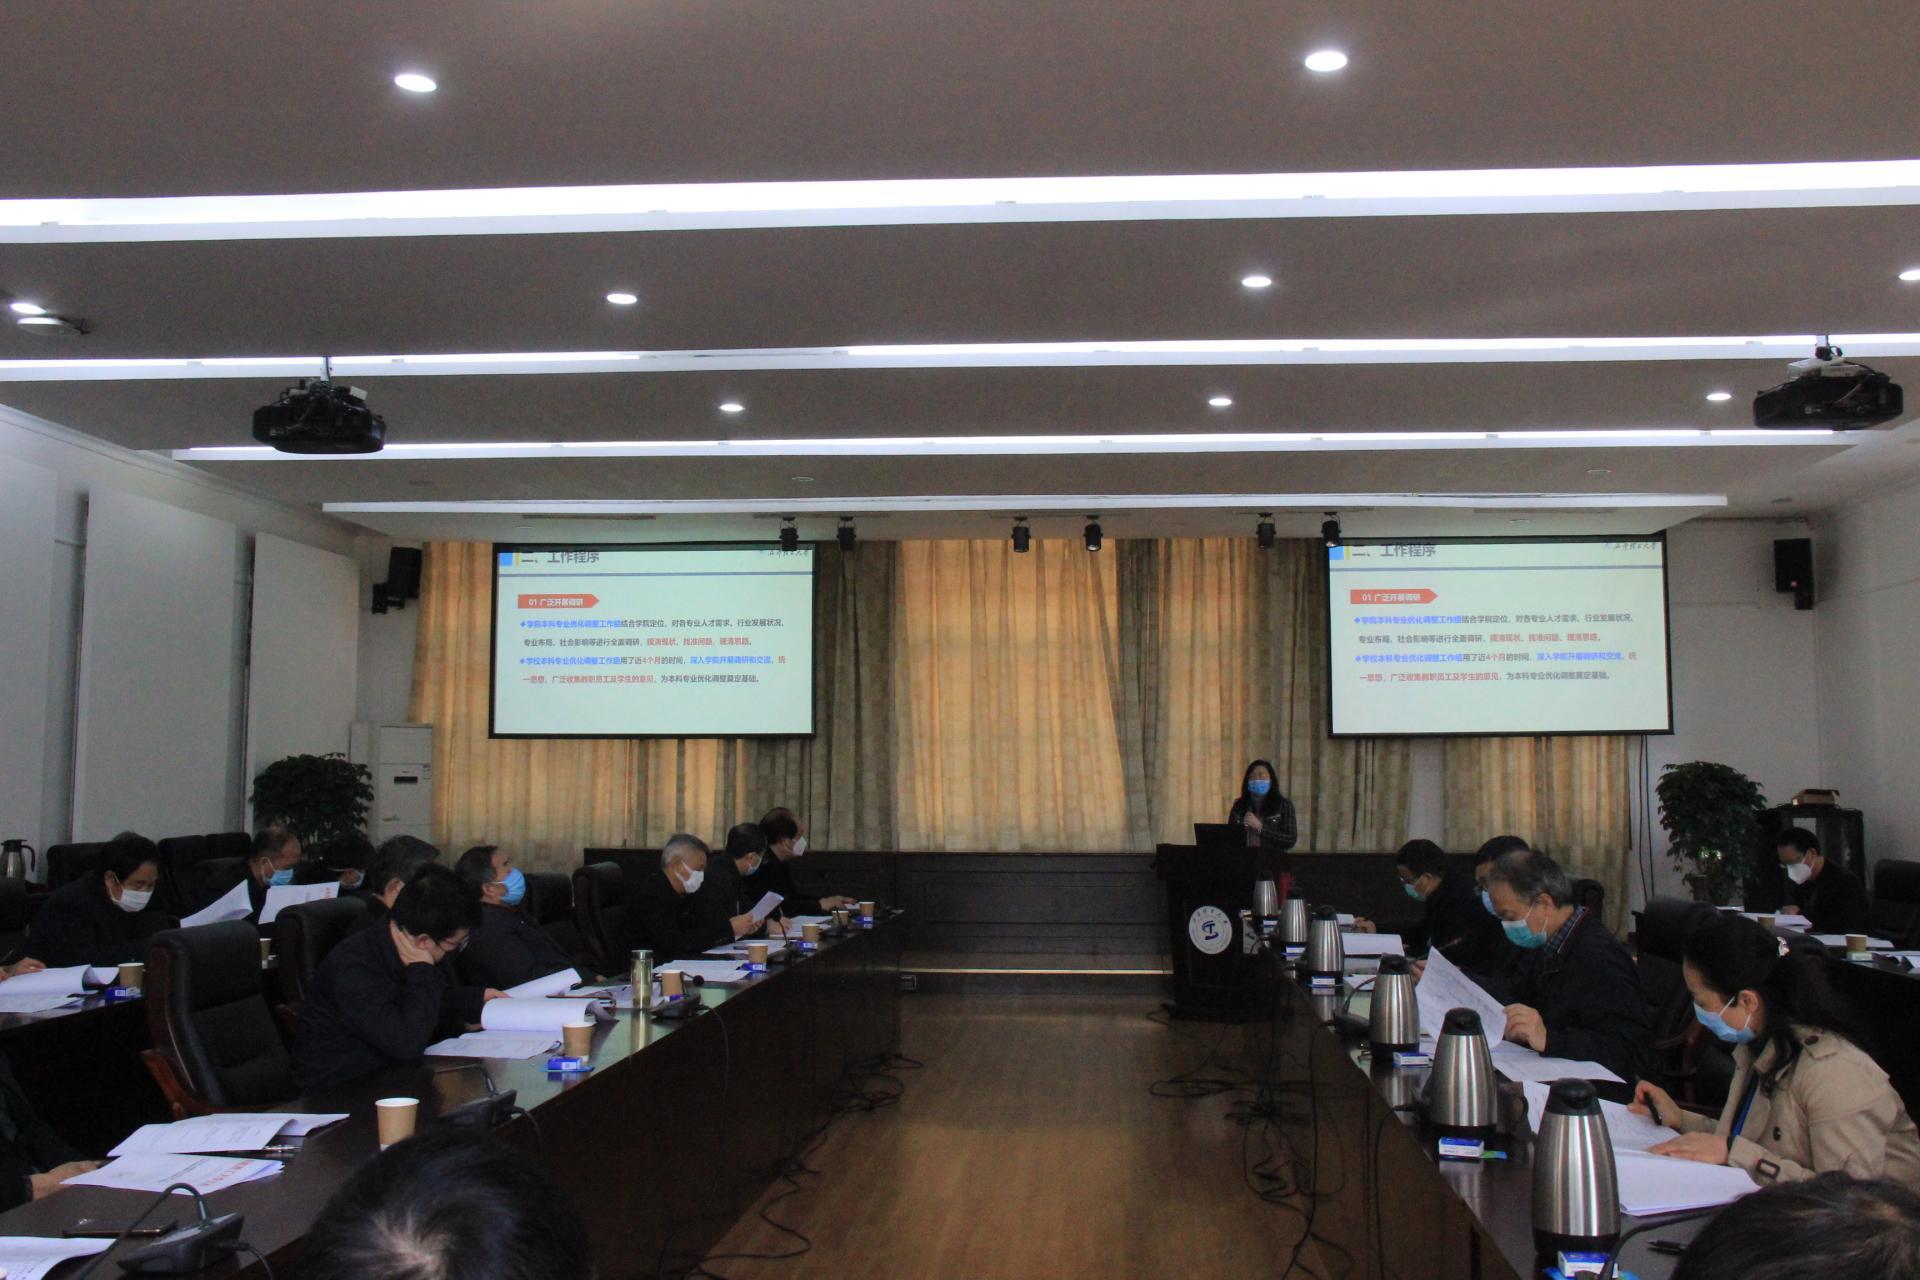 学校召开第四届学术委员会第七次会议评议本科专业优化调整方案